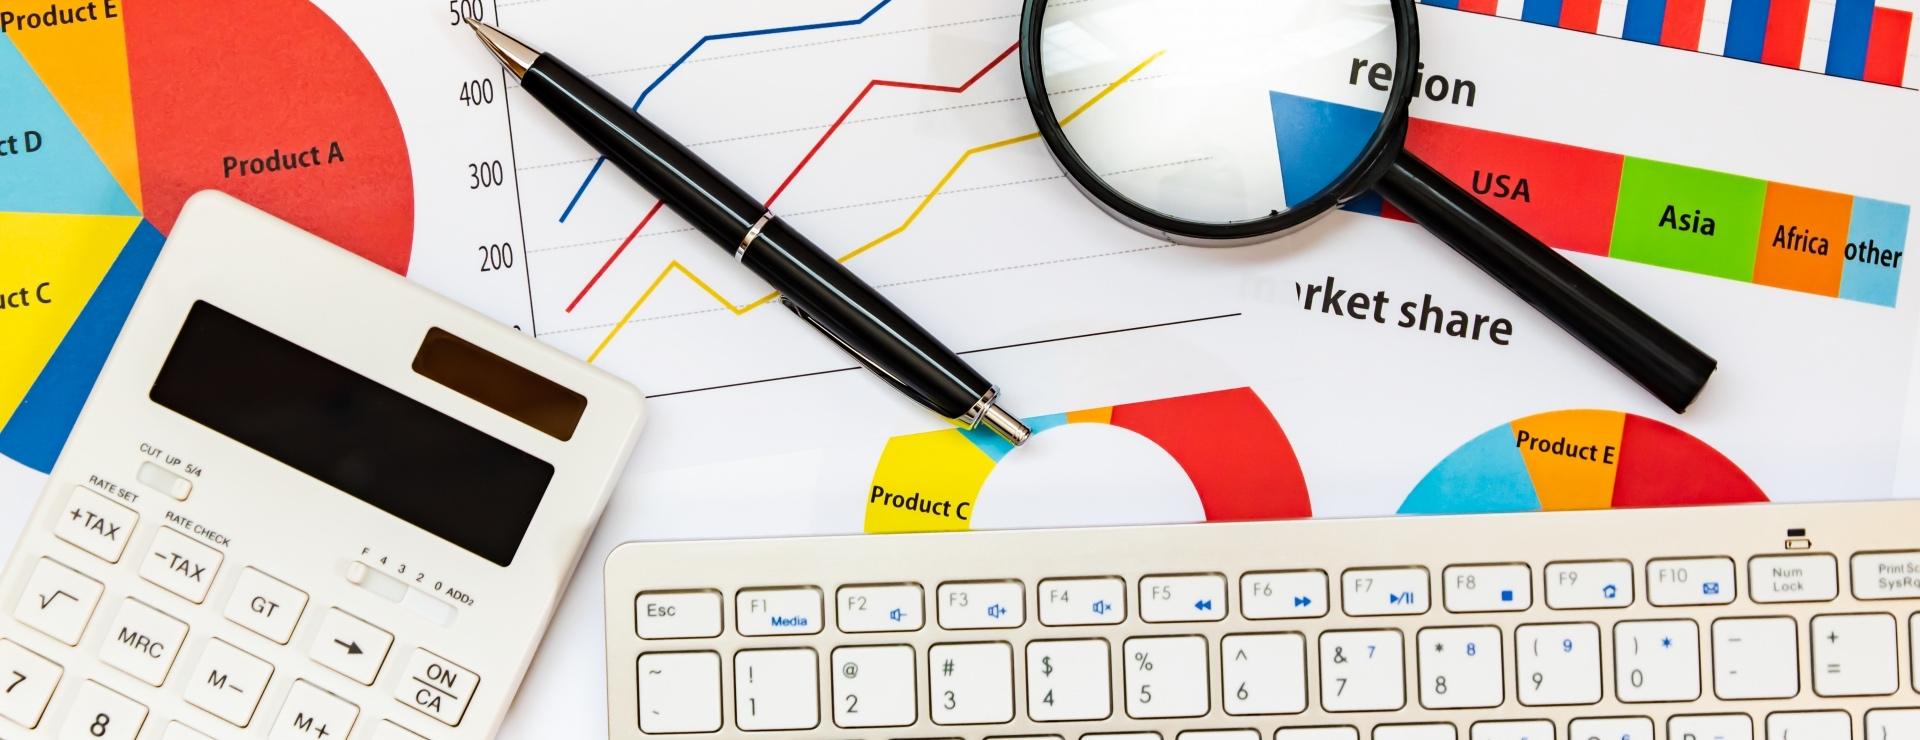 マーケティング戦略基本スキル1日集中講座